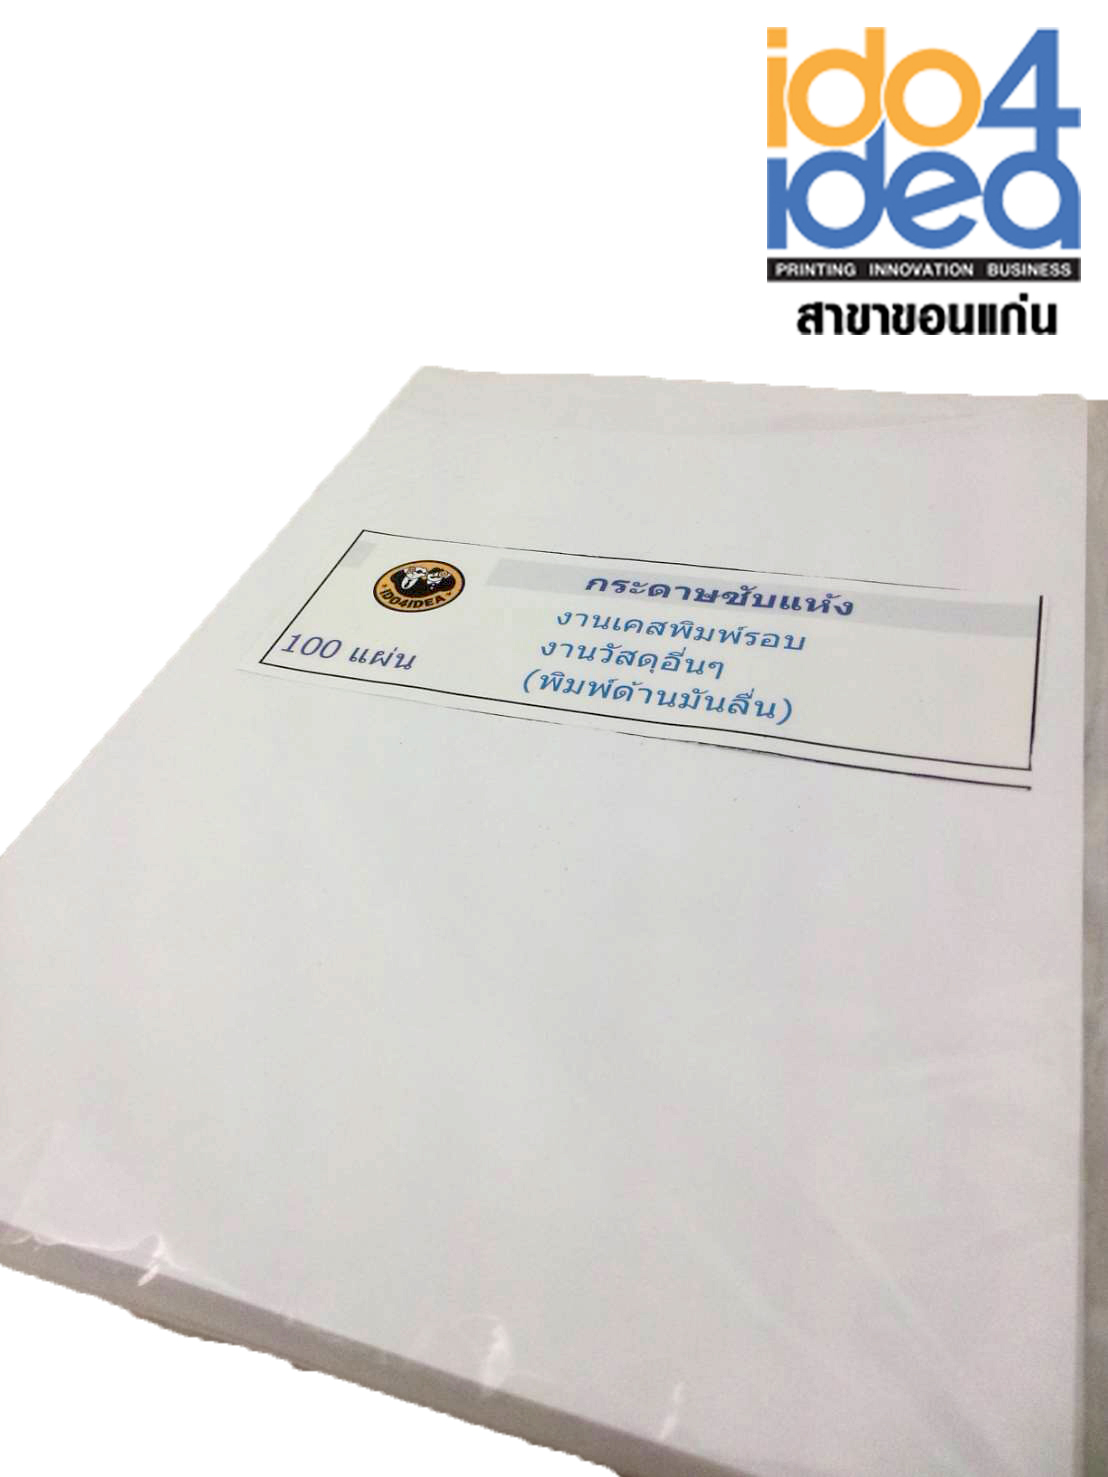 กระดาษซับแห้ง (Sublimation Paper) ขนาด A3